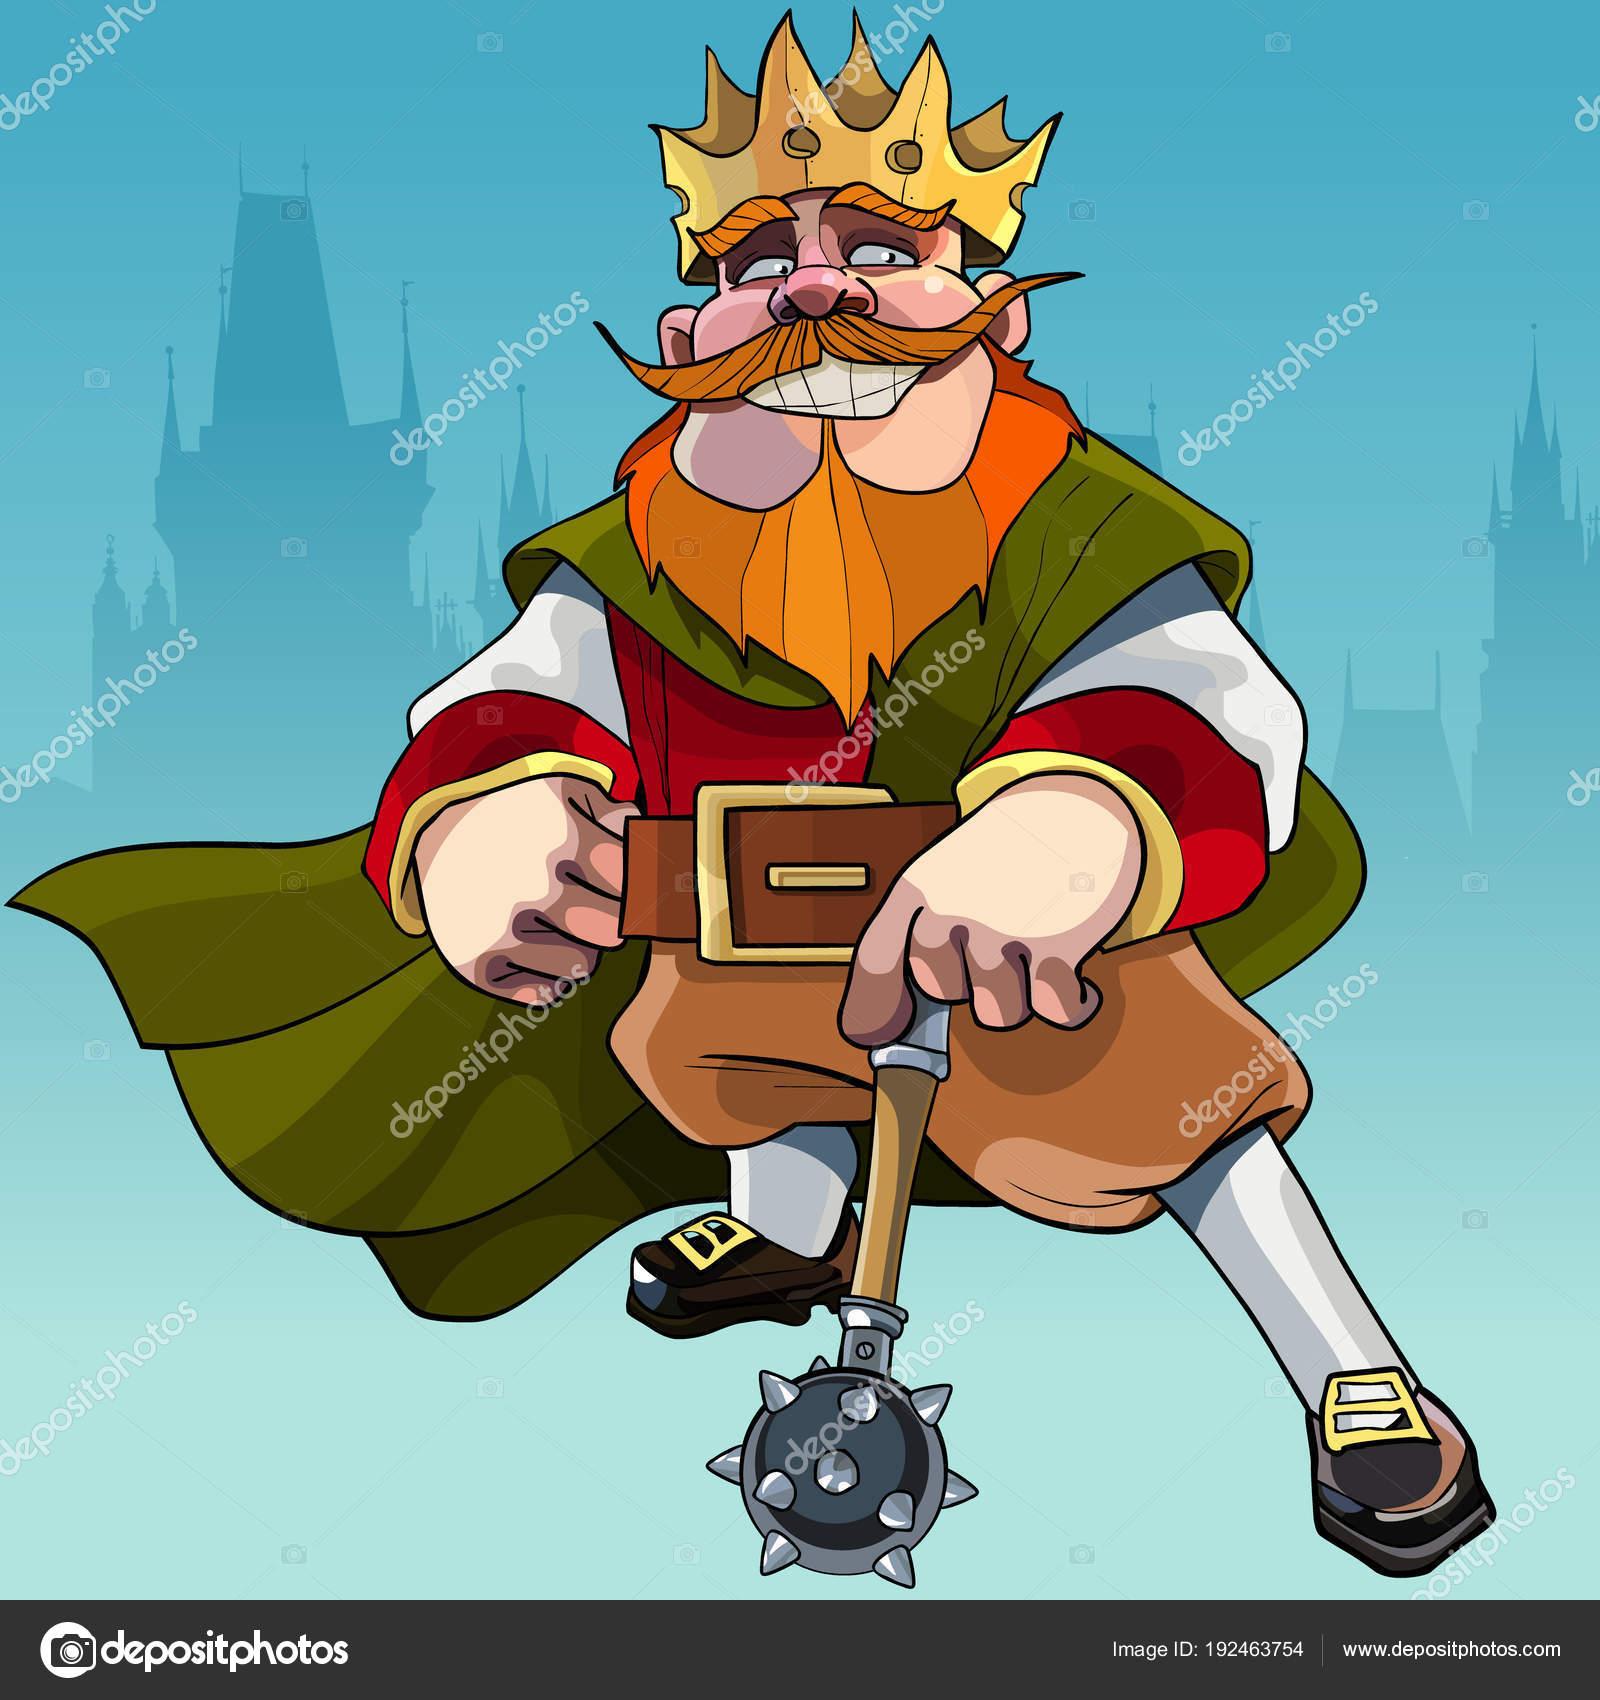 král karikatur z kopce